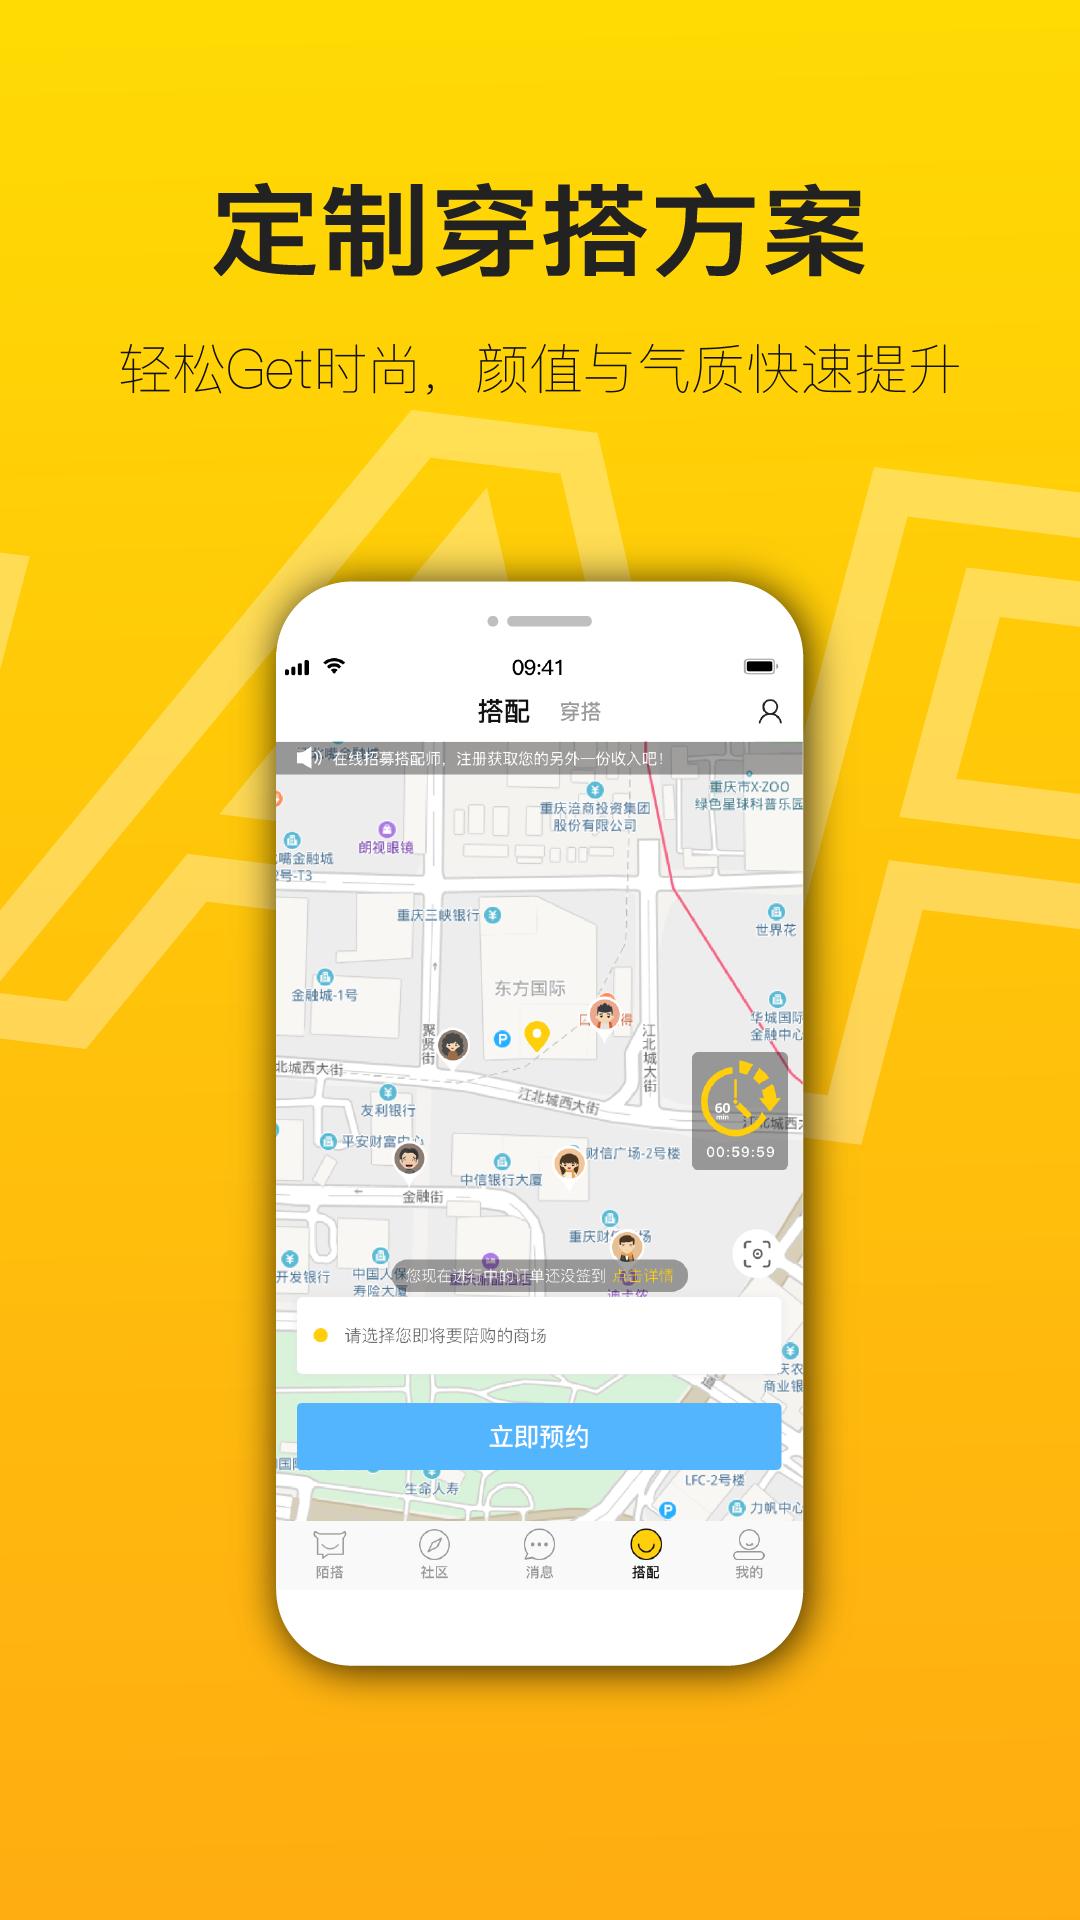 桃花社区app下载地址